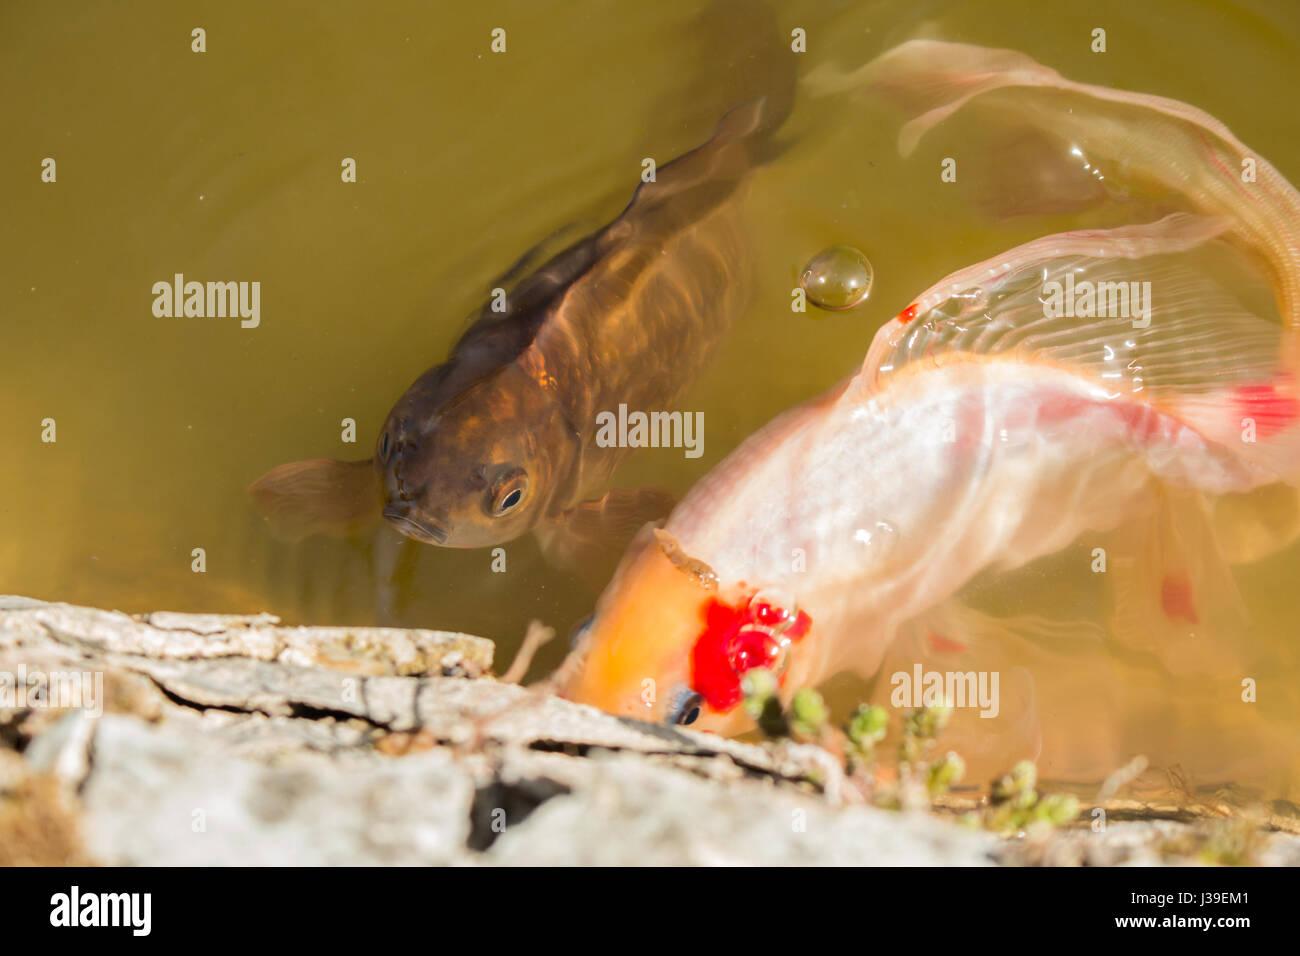 Koi fish in pond stock photos koi fish in pond stock for Decorative carp